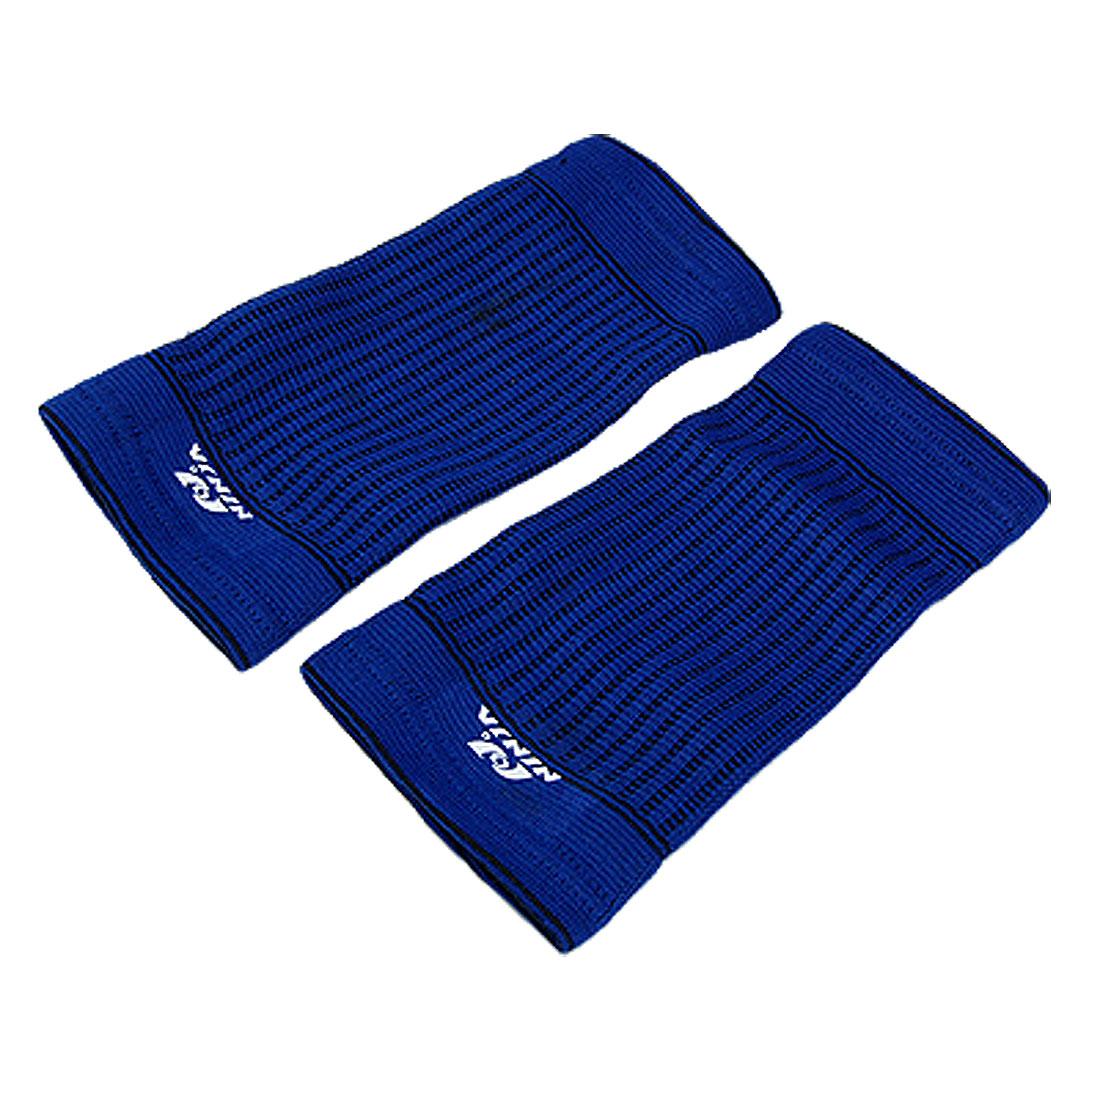 2PCS Blue Elastic Sport Crus Wrap Support Protector S